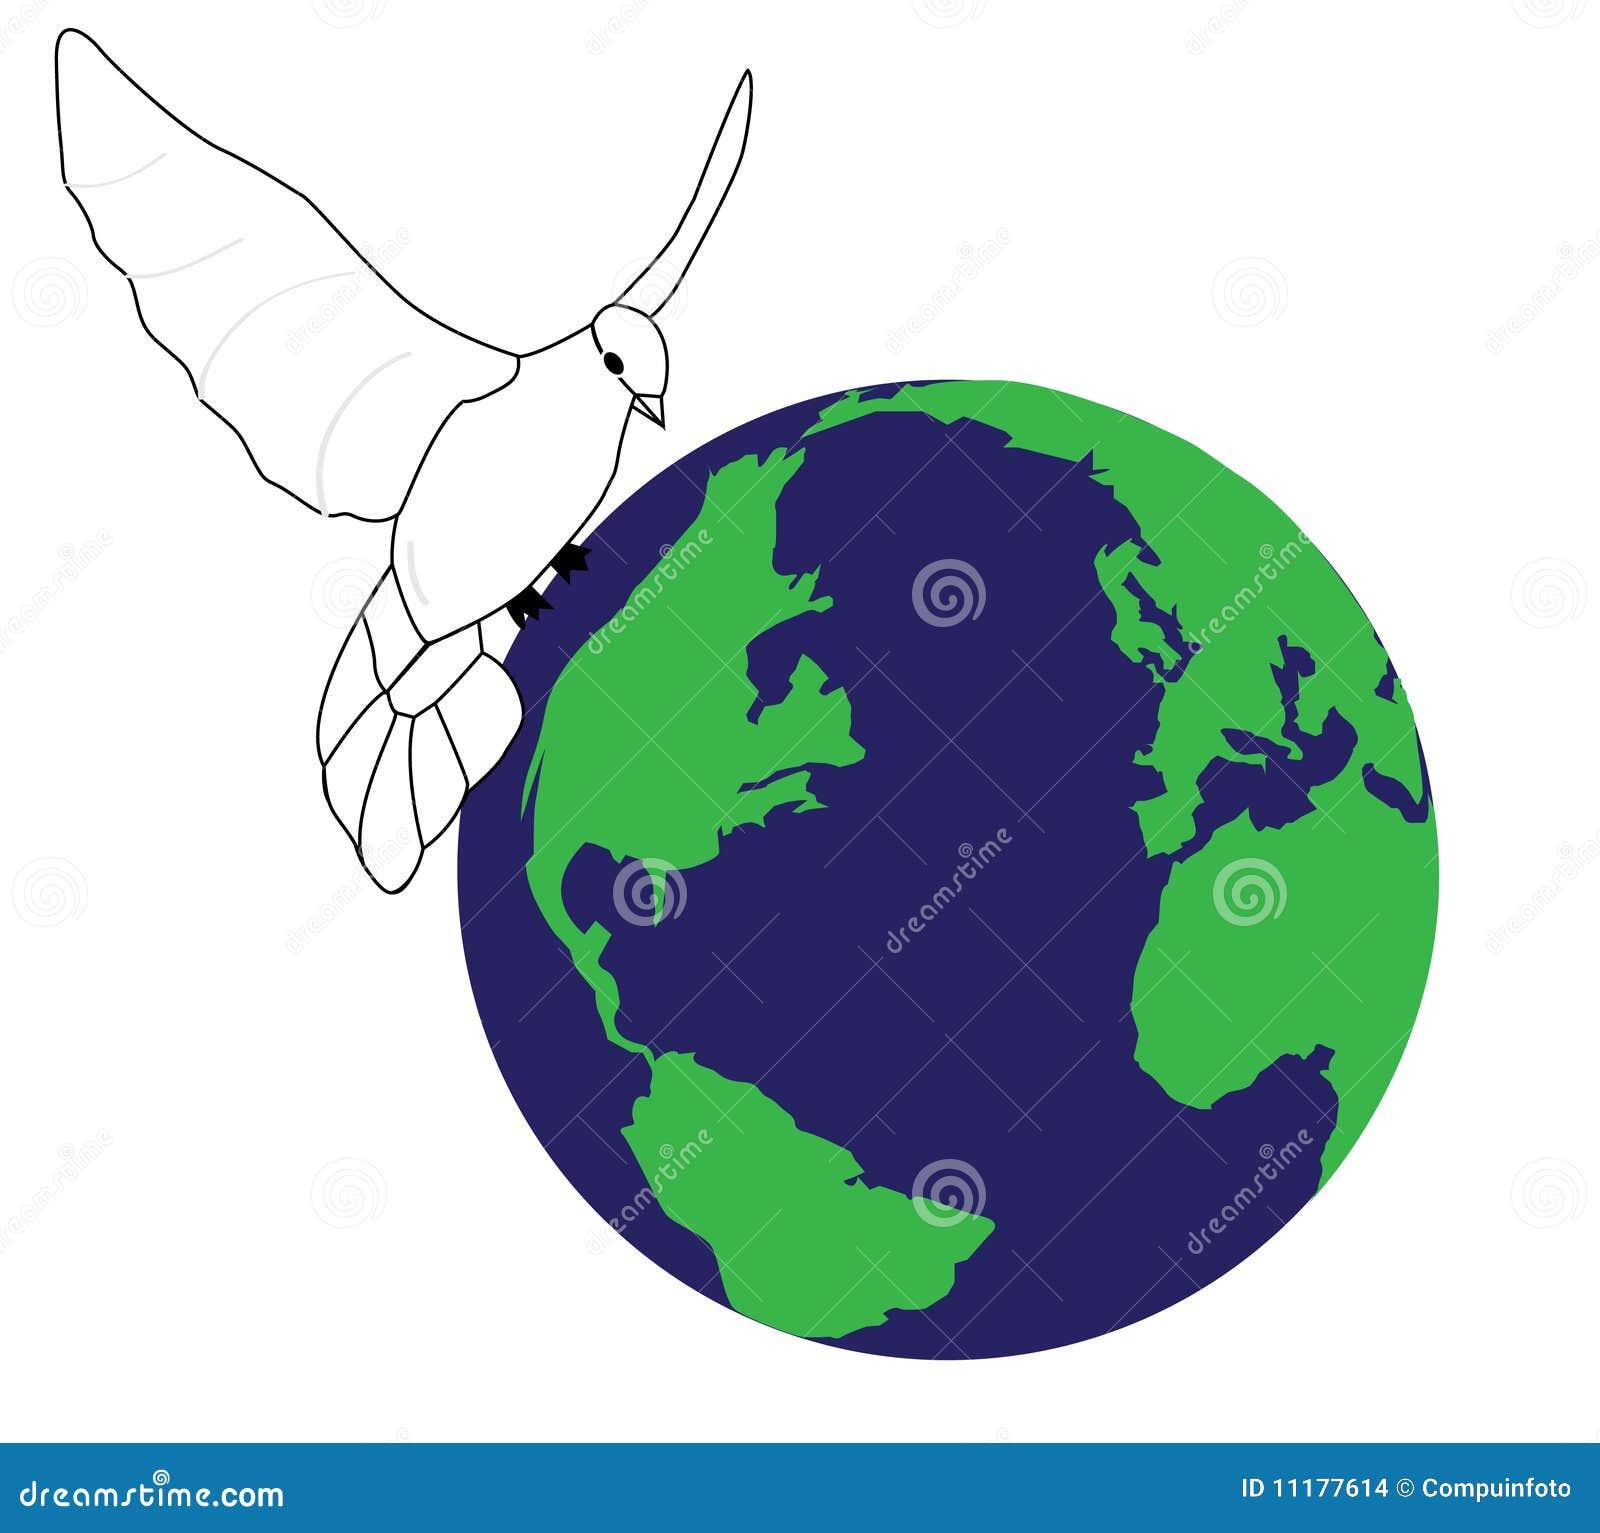 vrede in de wereld vector illustratie illustratie